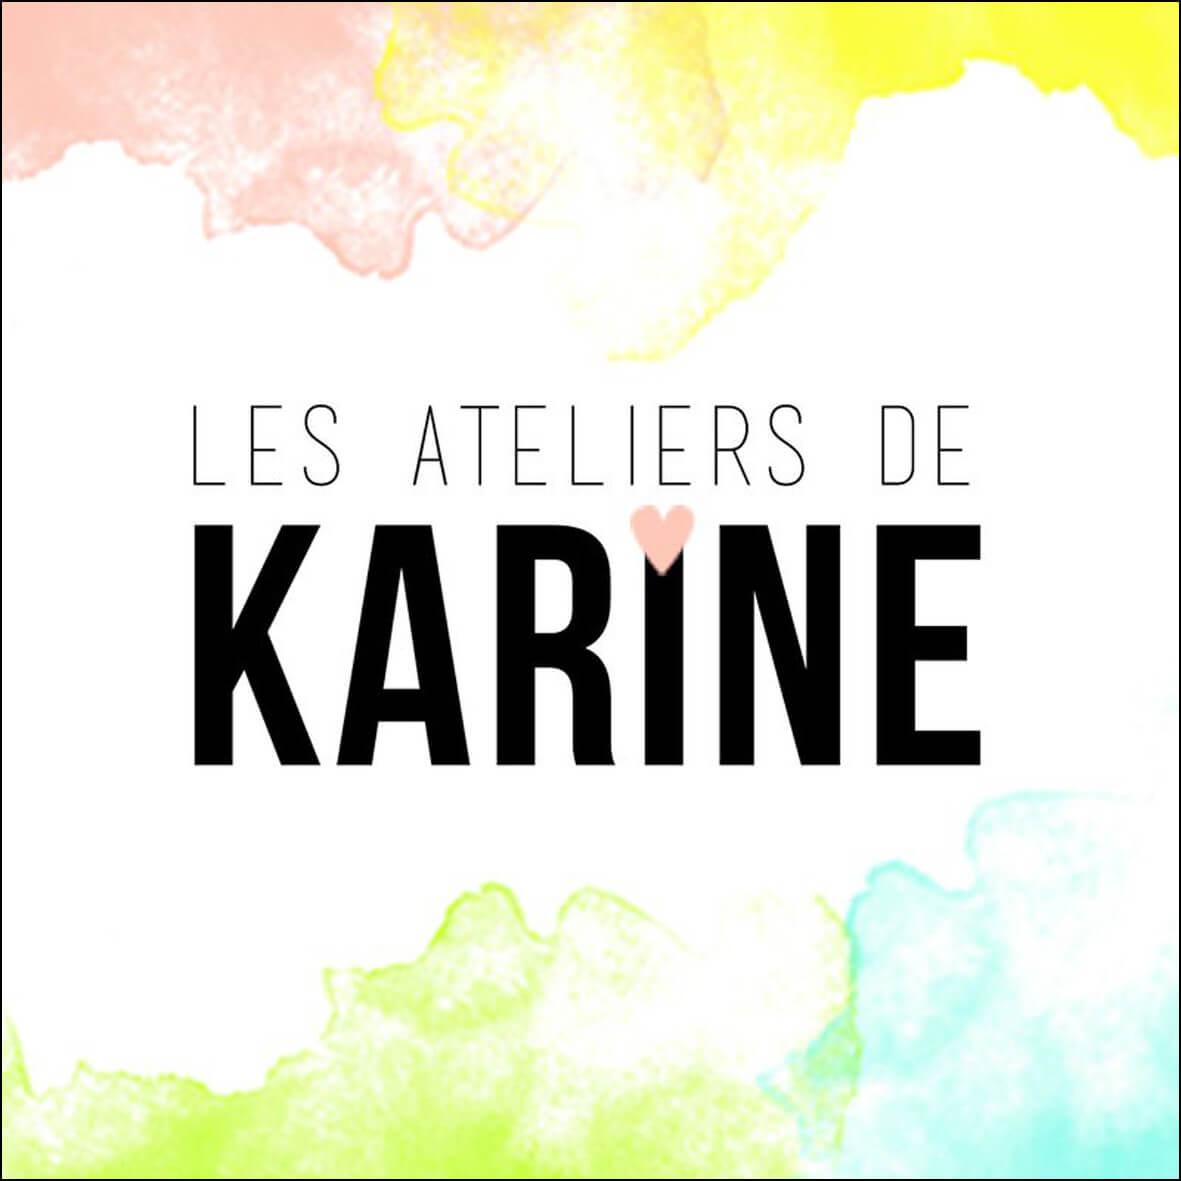 Karine